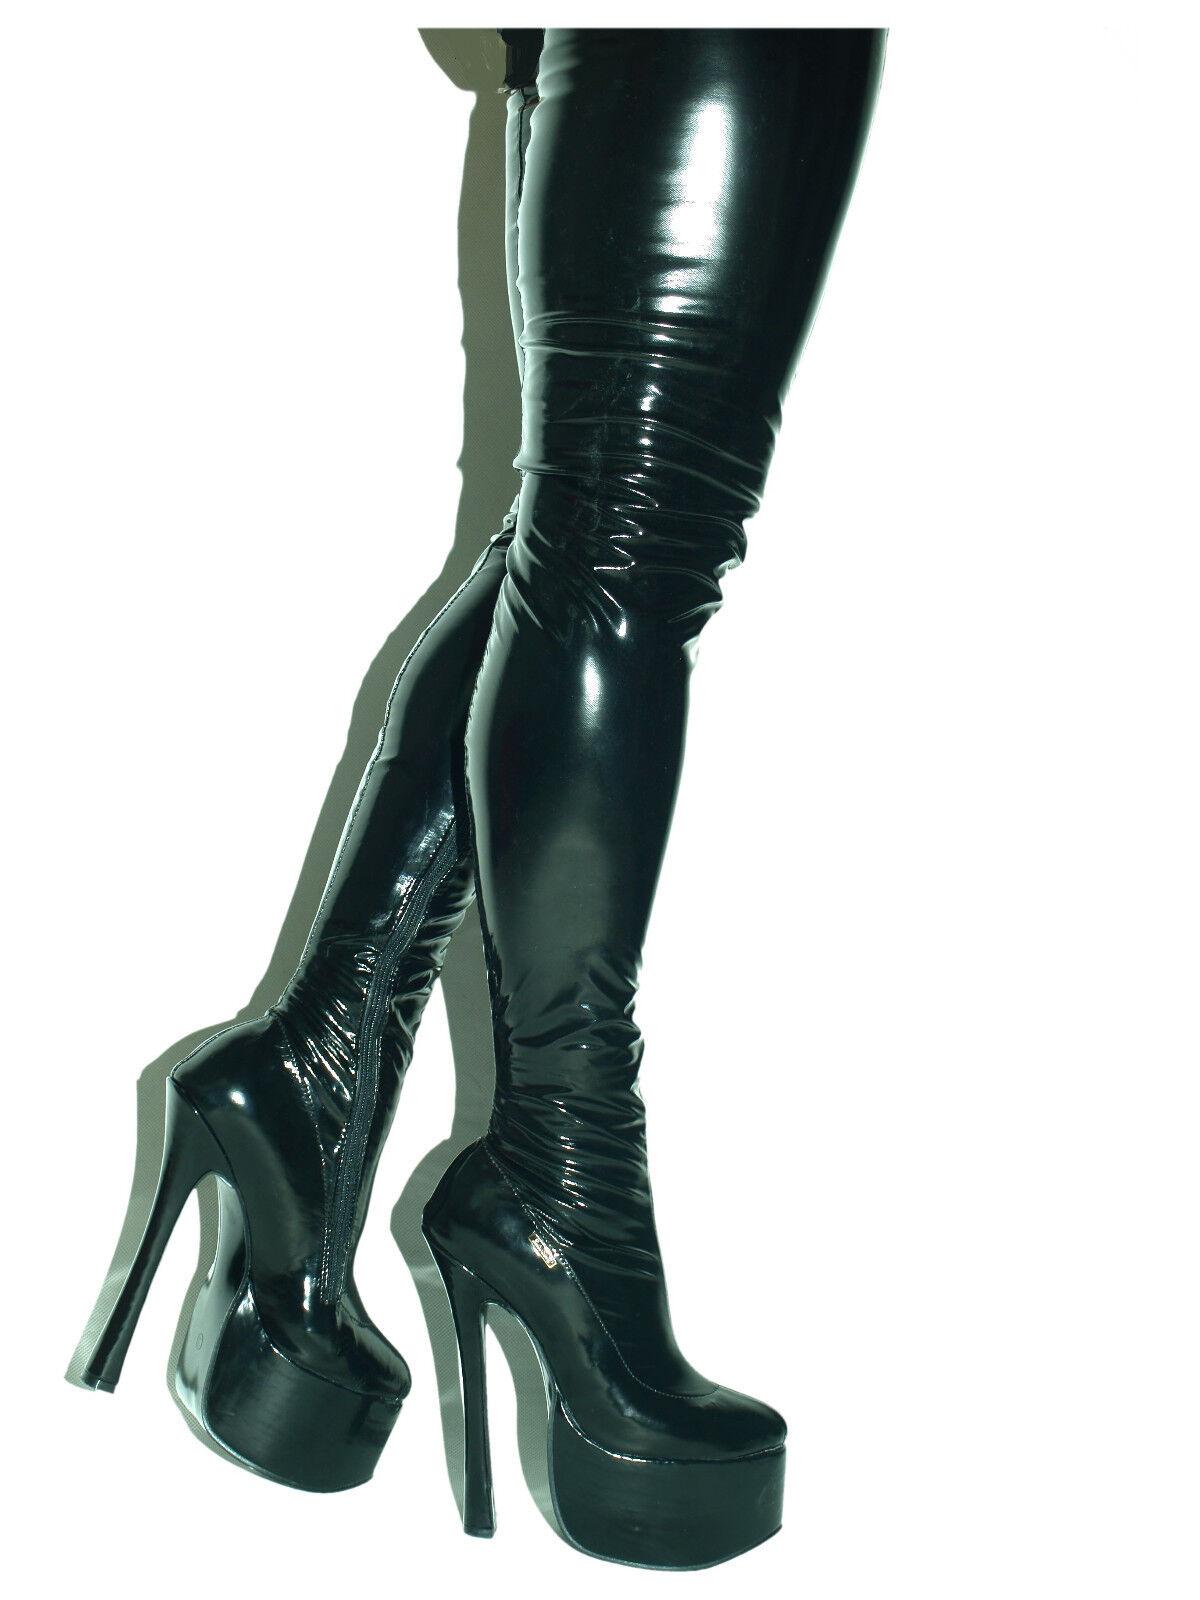 PROMOTIONS falta Poliuretano Tacones Altos botas   - 20cm producen Polonia